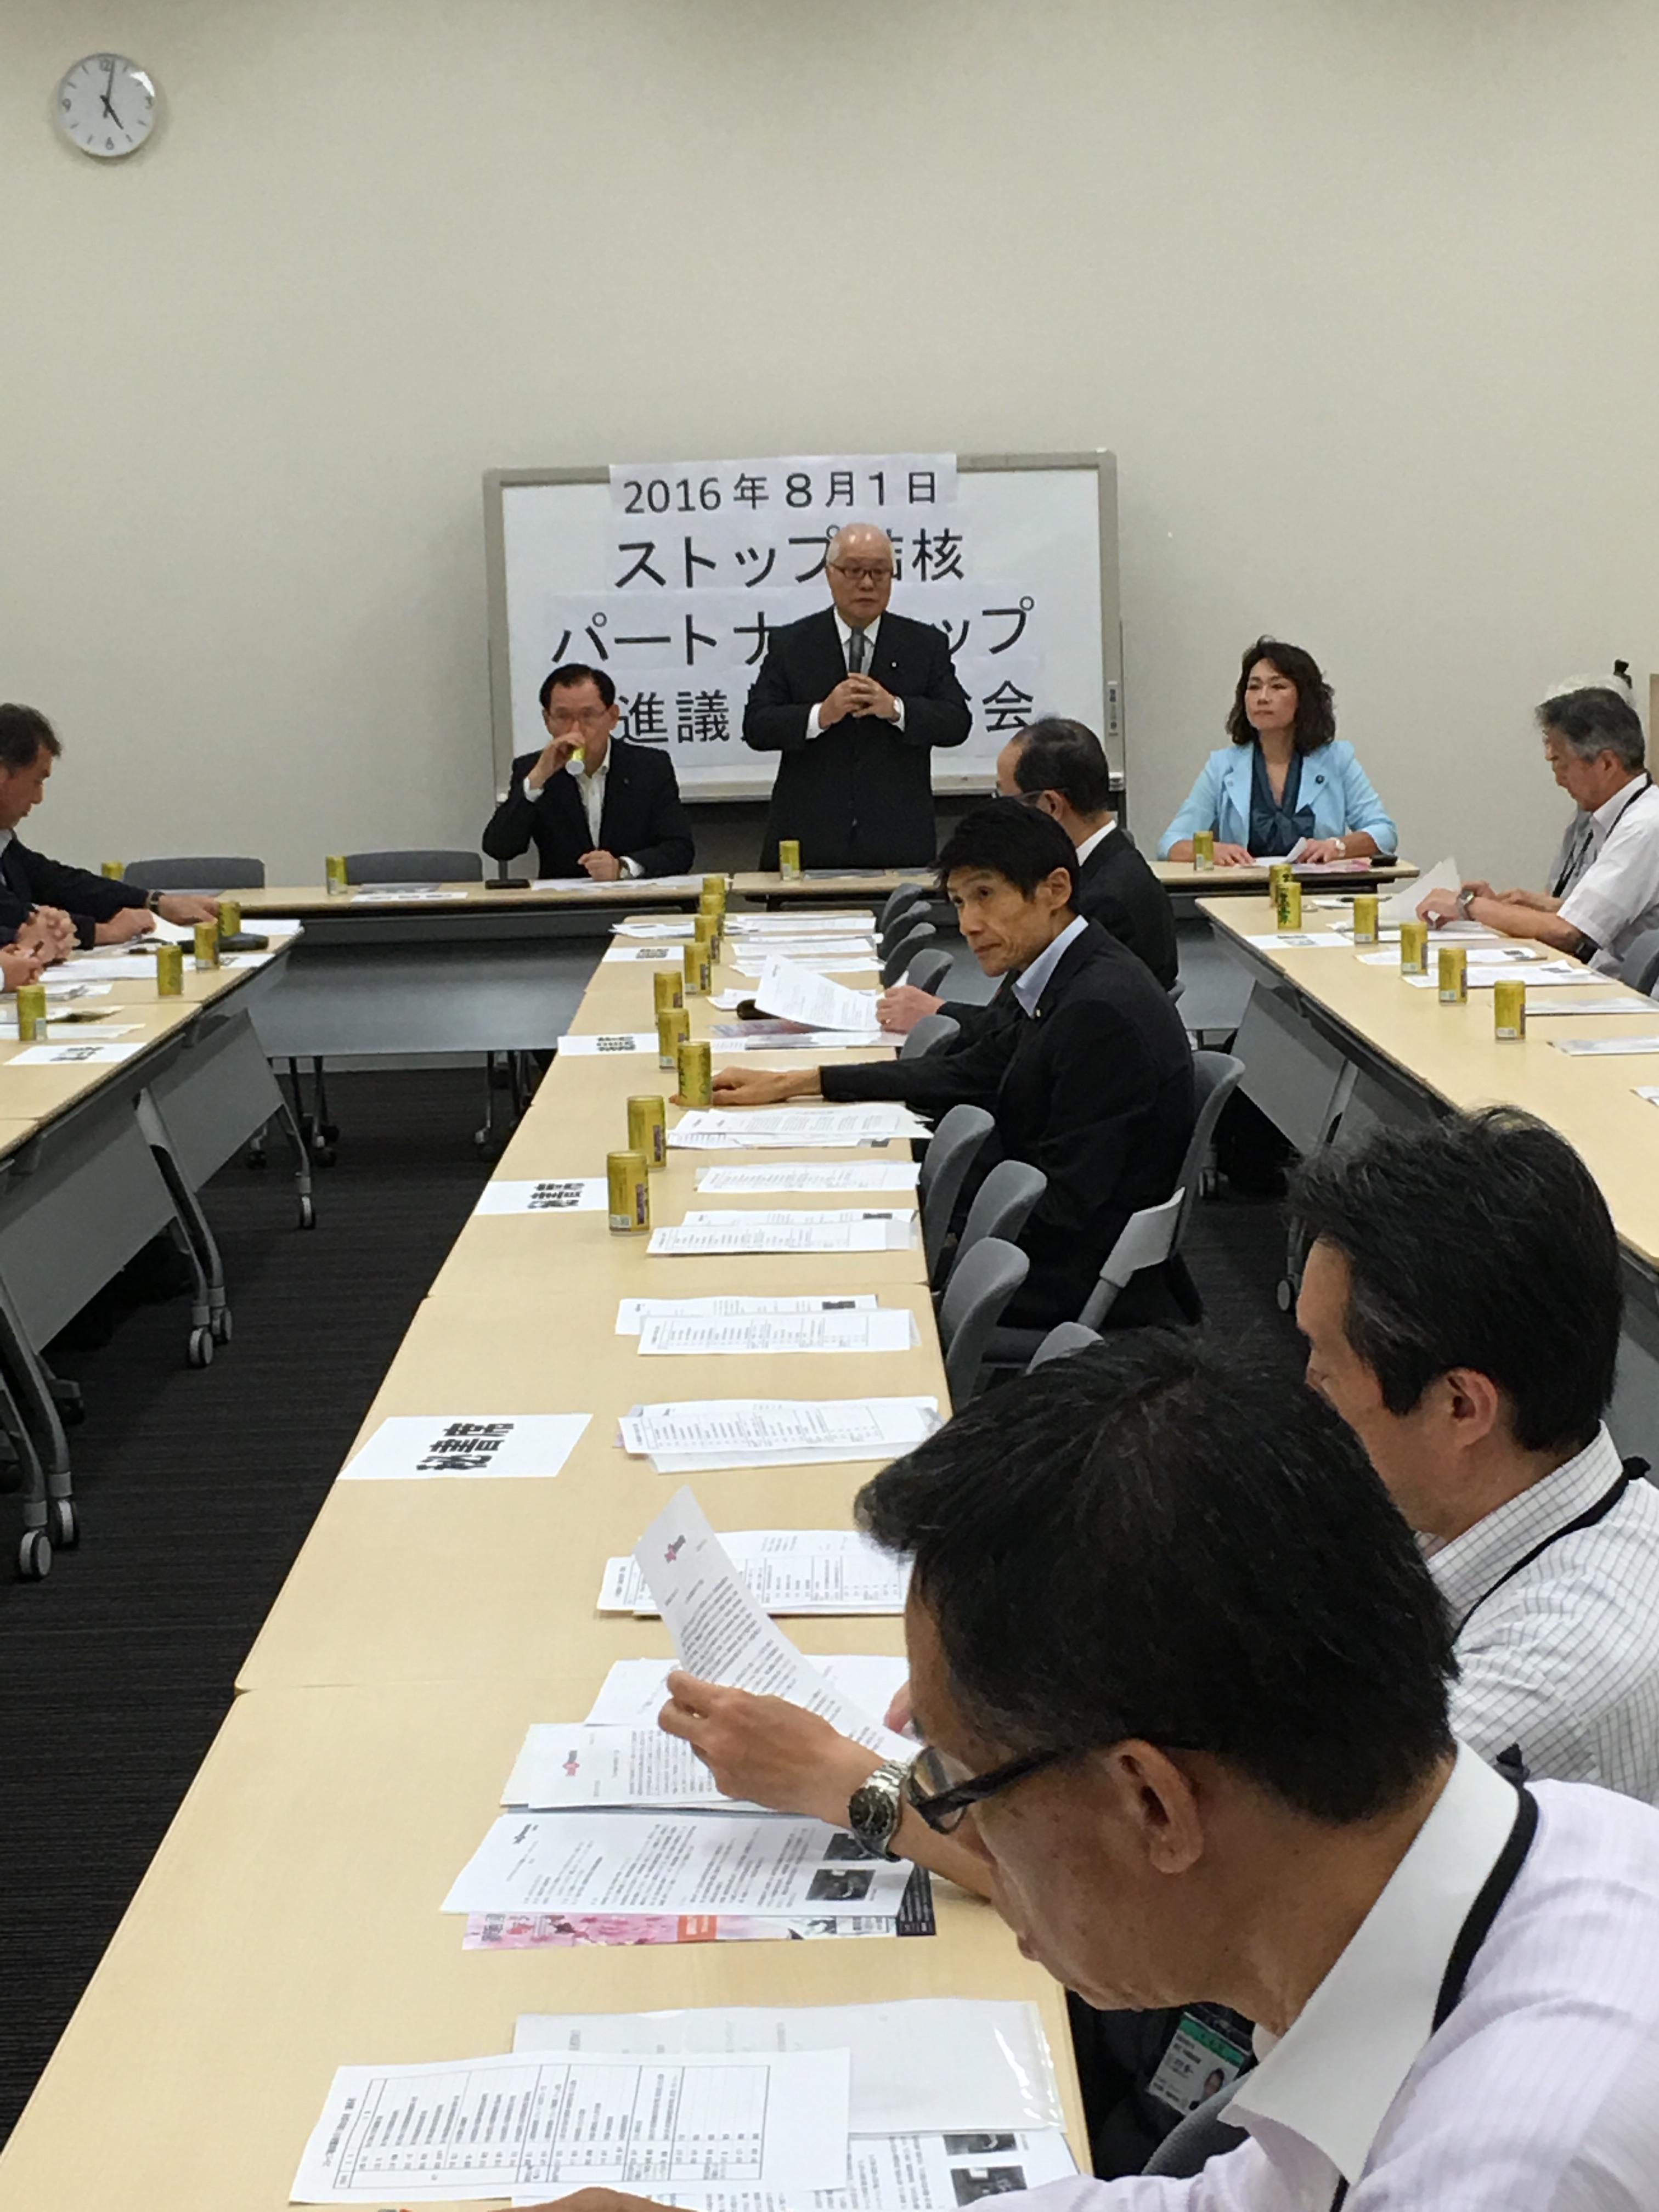 ストップ結核パートナーシップ推進議員連盟総会が開催されました